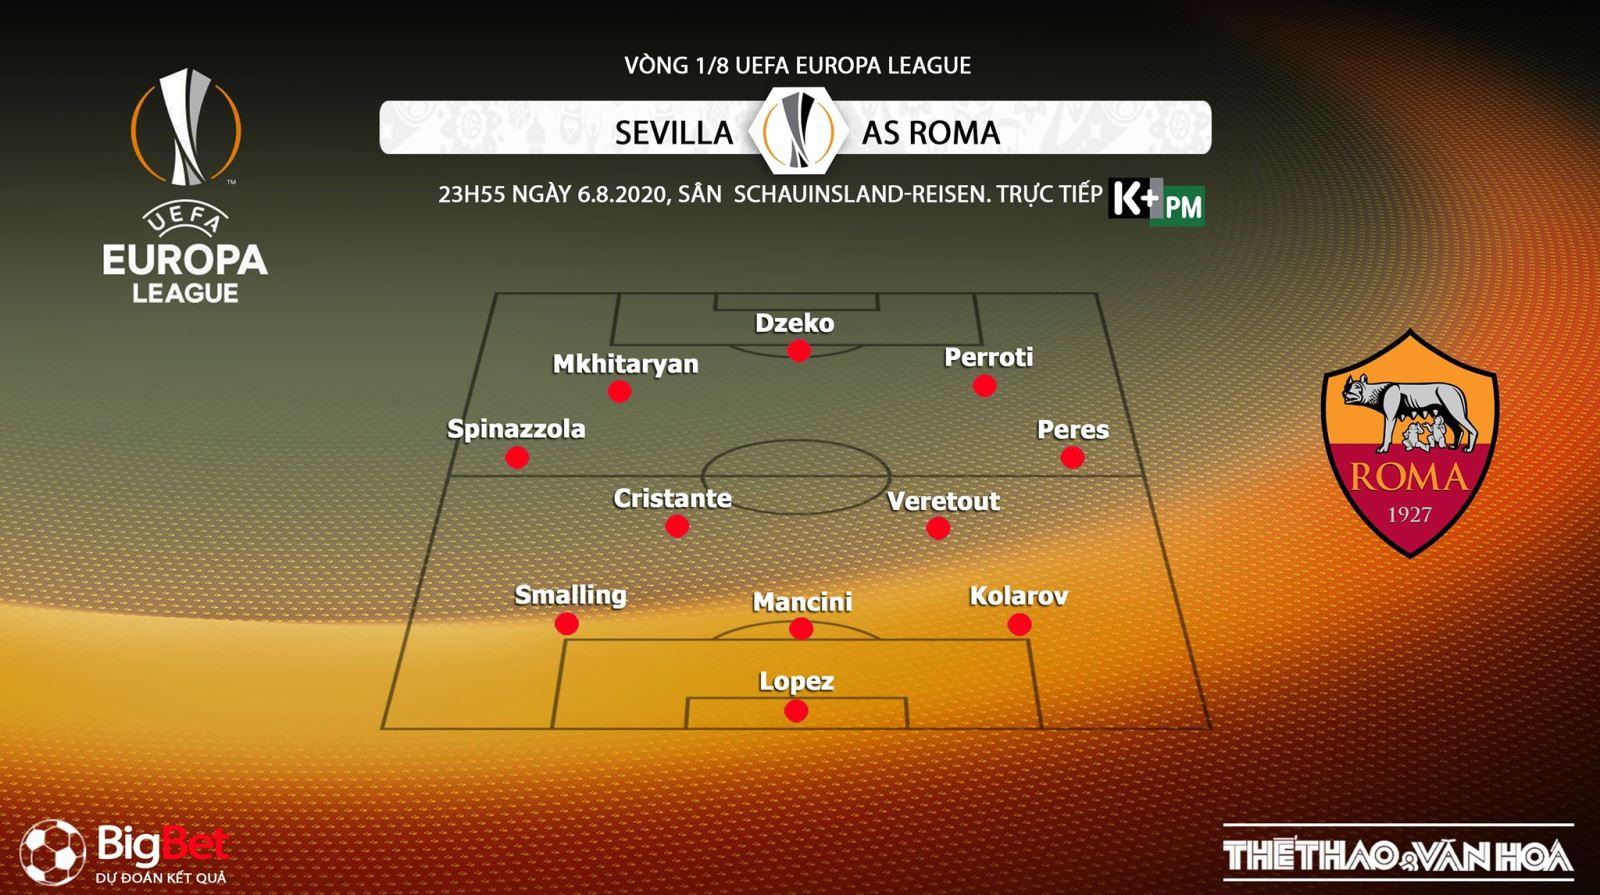 Sevilla vs Roma, soi kèo Sevilla vs Roma, kèo bóng đá Sevilla vs Roma, kèo bóng đá, soi kèo, kèo bóng đá, trực tiếp Sevilla vs Roma